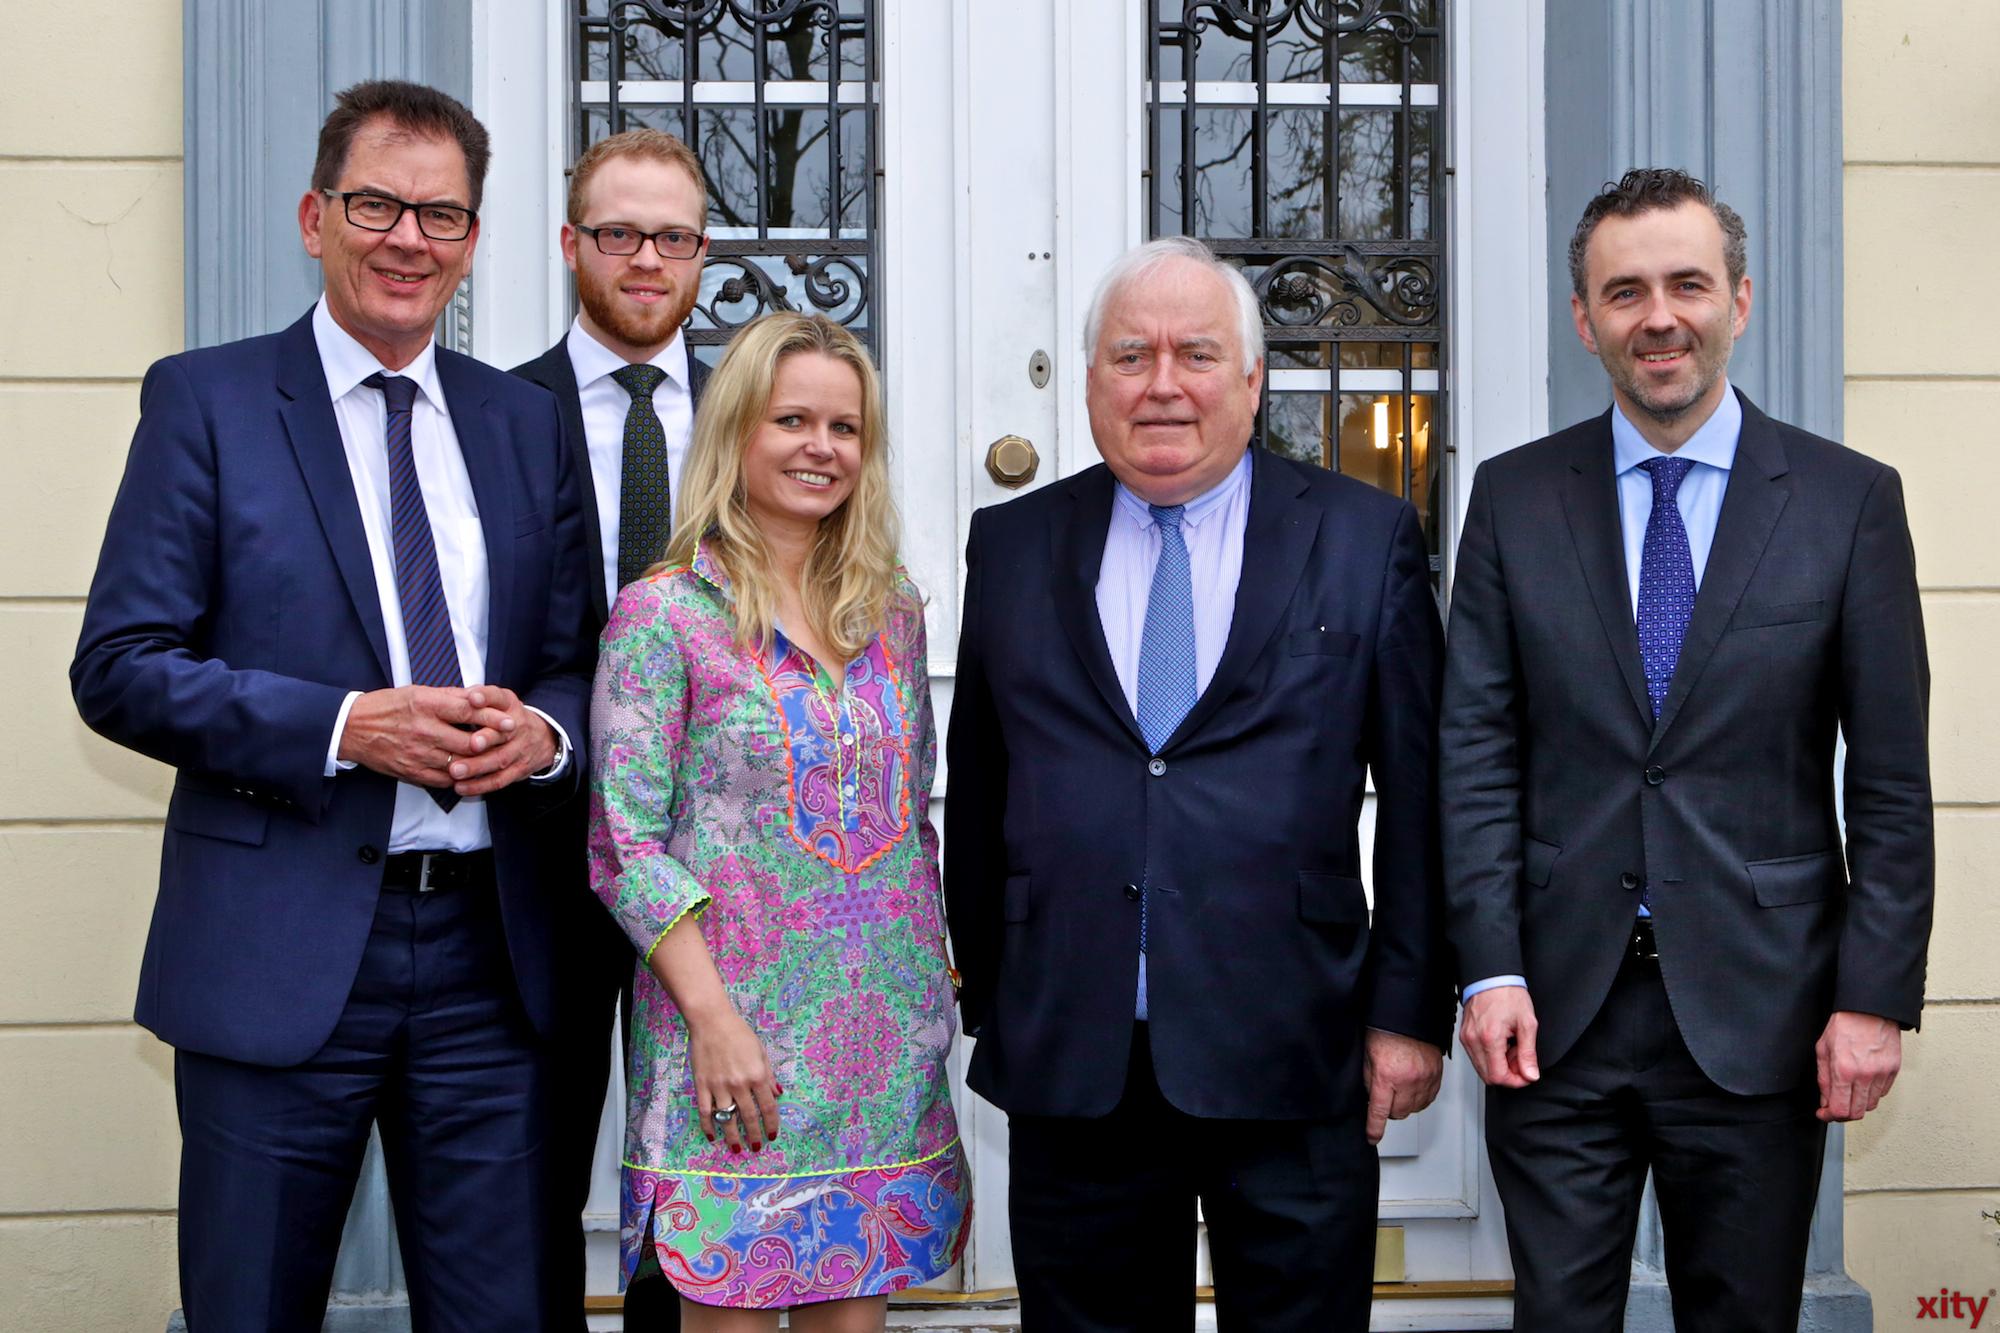 (v.l.) Dr. Gerd Müller, Benedict Stieber, Angela Erwin, Friedrich G. Conzen und Thomas Jarzombek (Foto: xity)